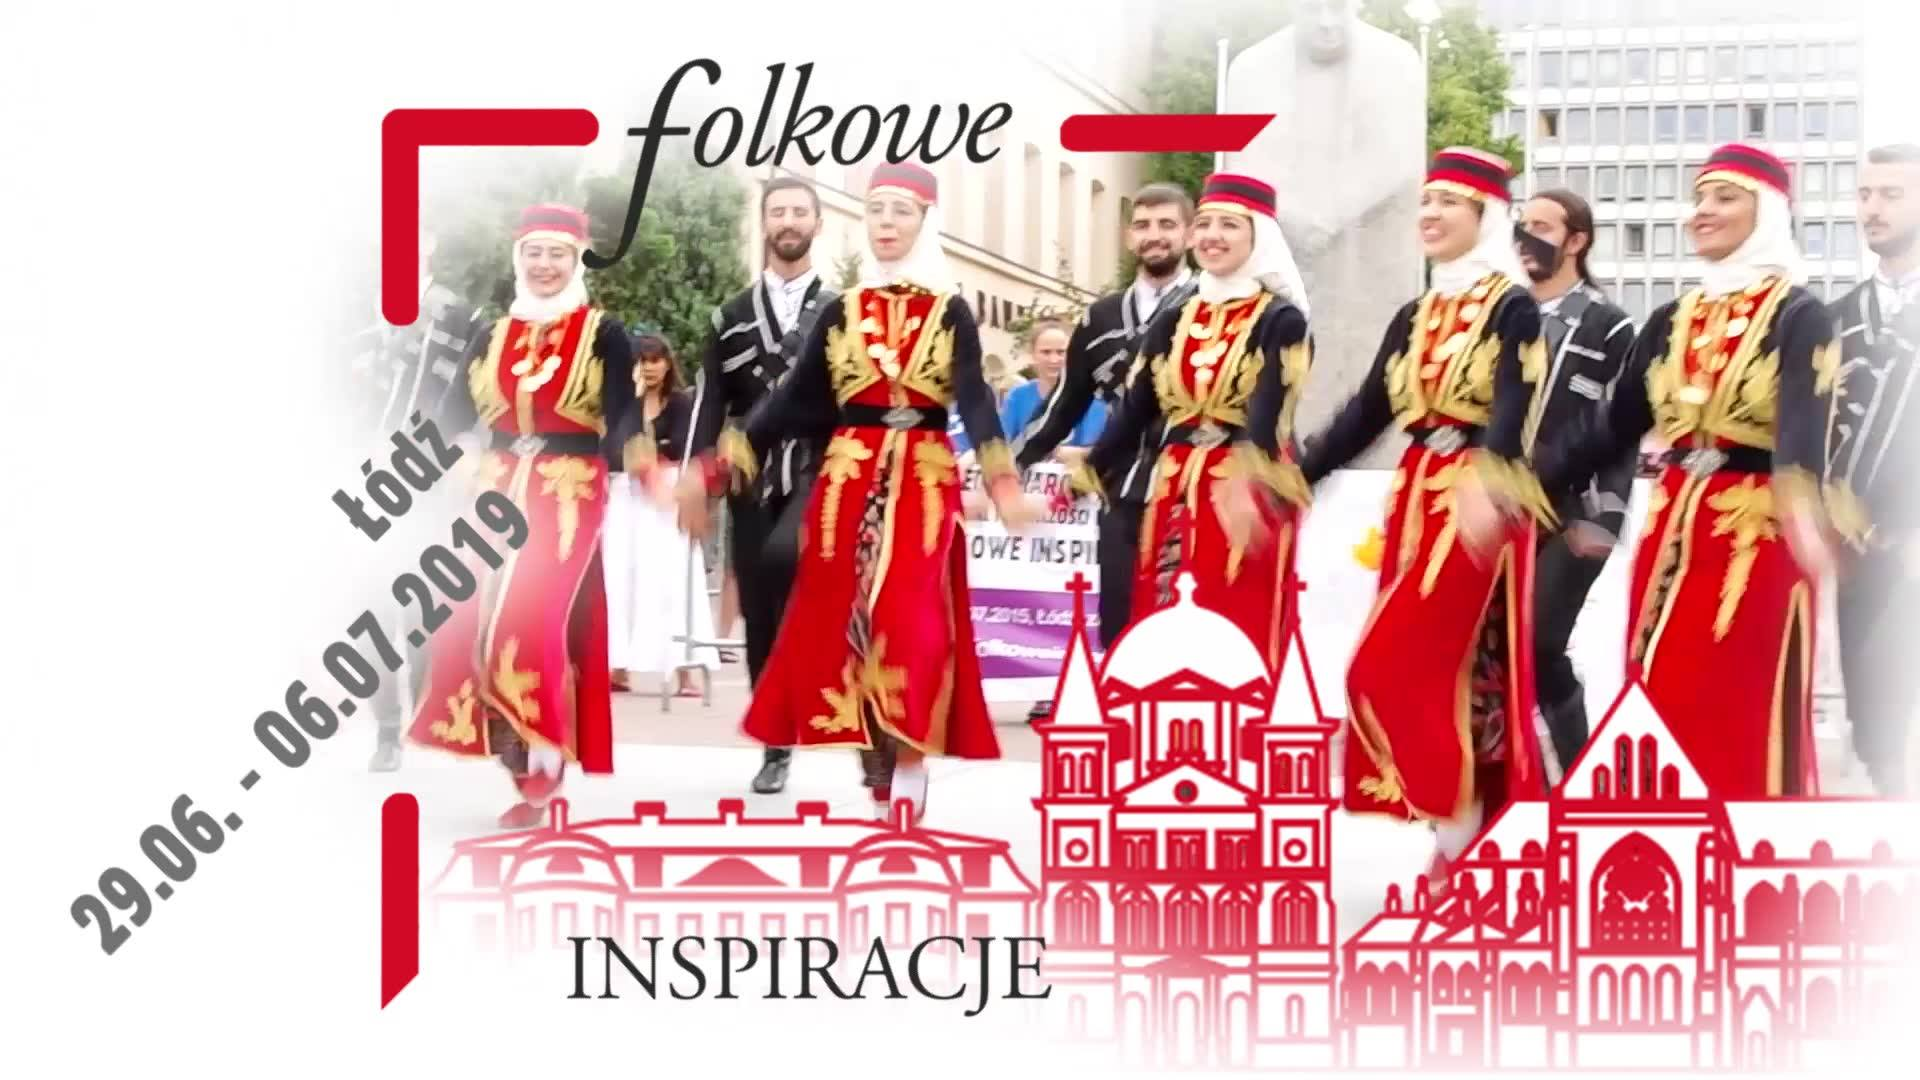 IX Folkowe Inspiracje - Folkowy Korowód Jadą wozy kolorowe